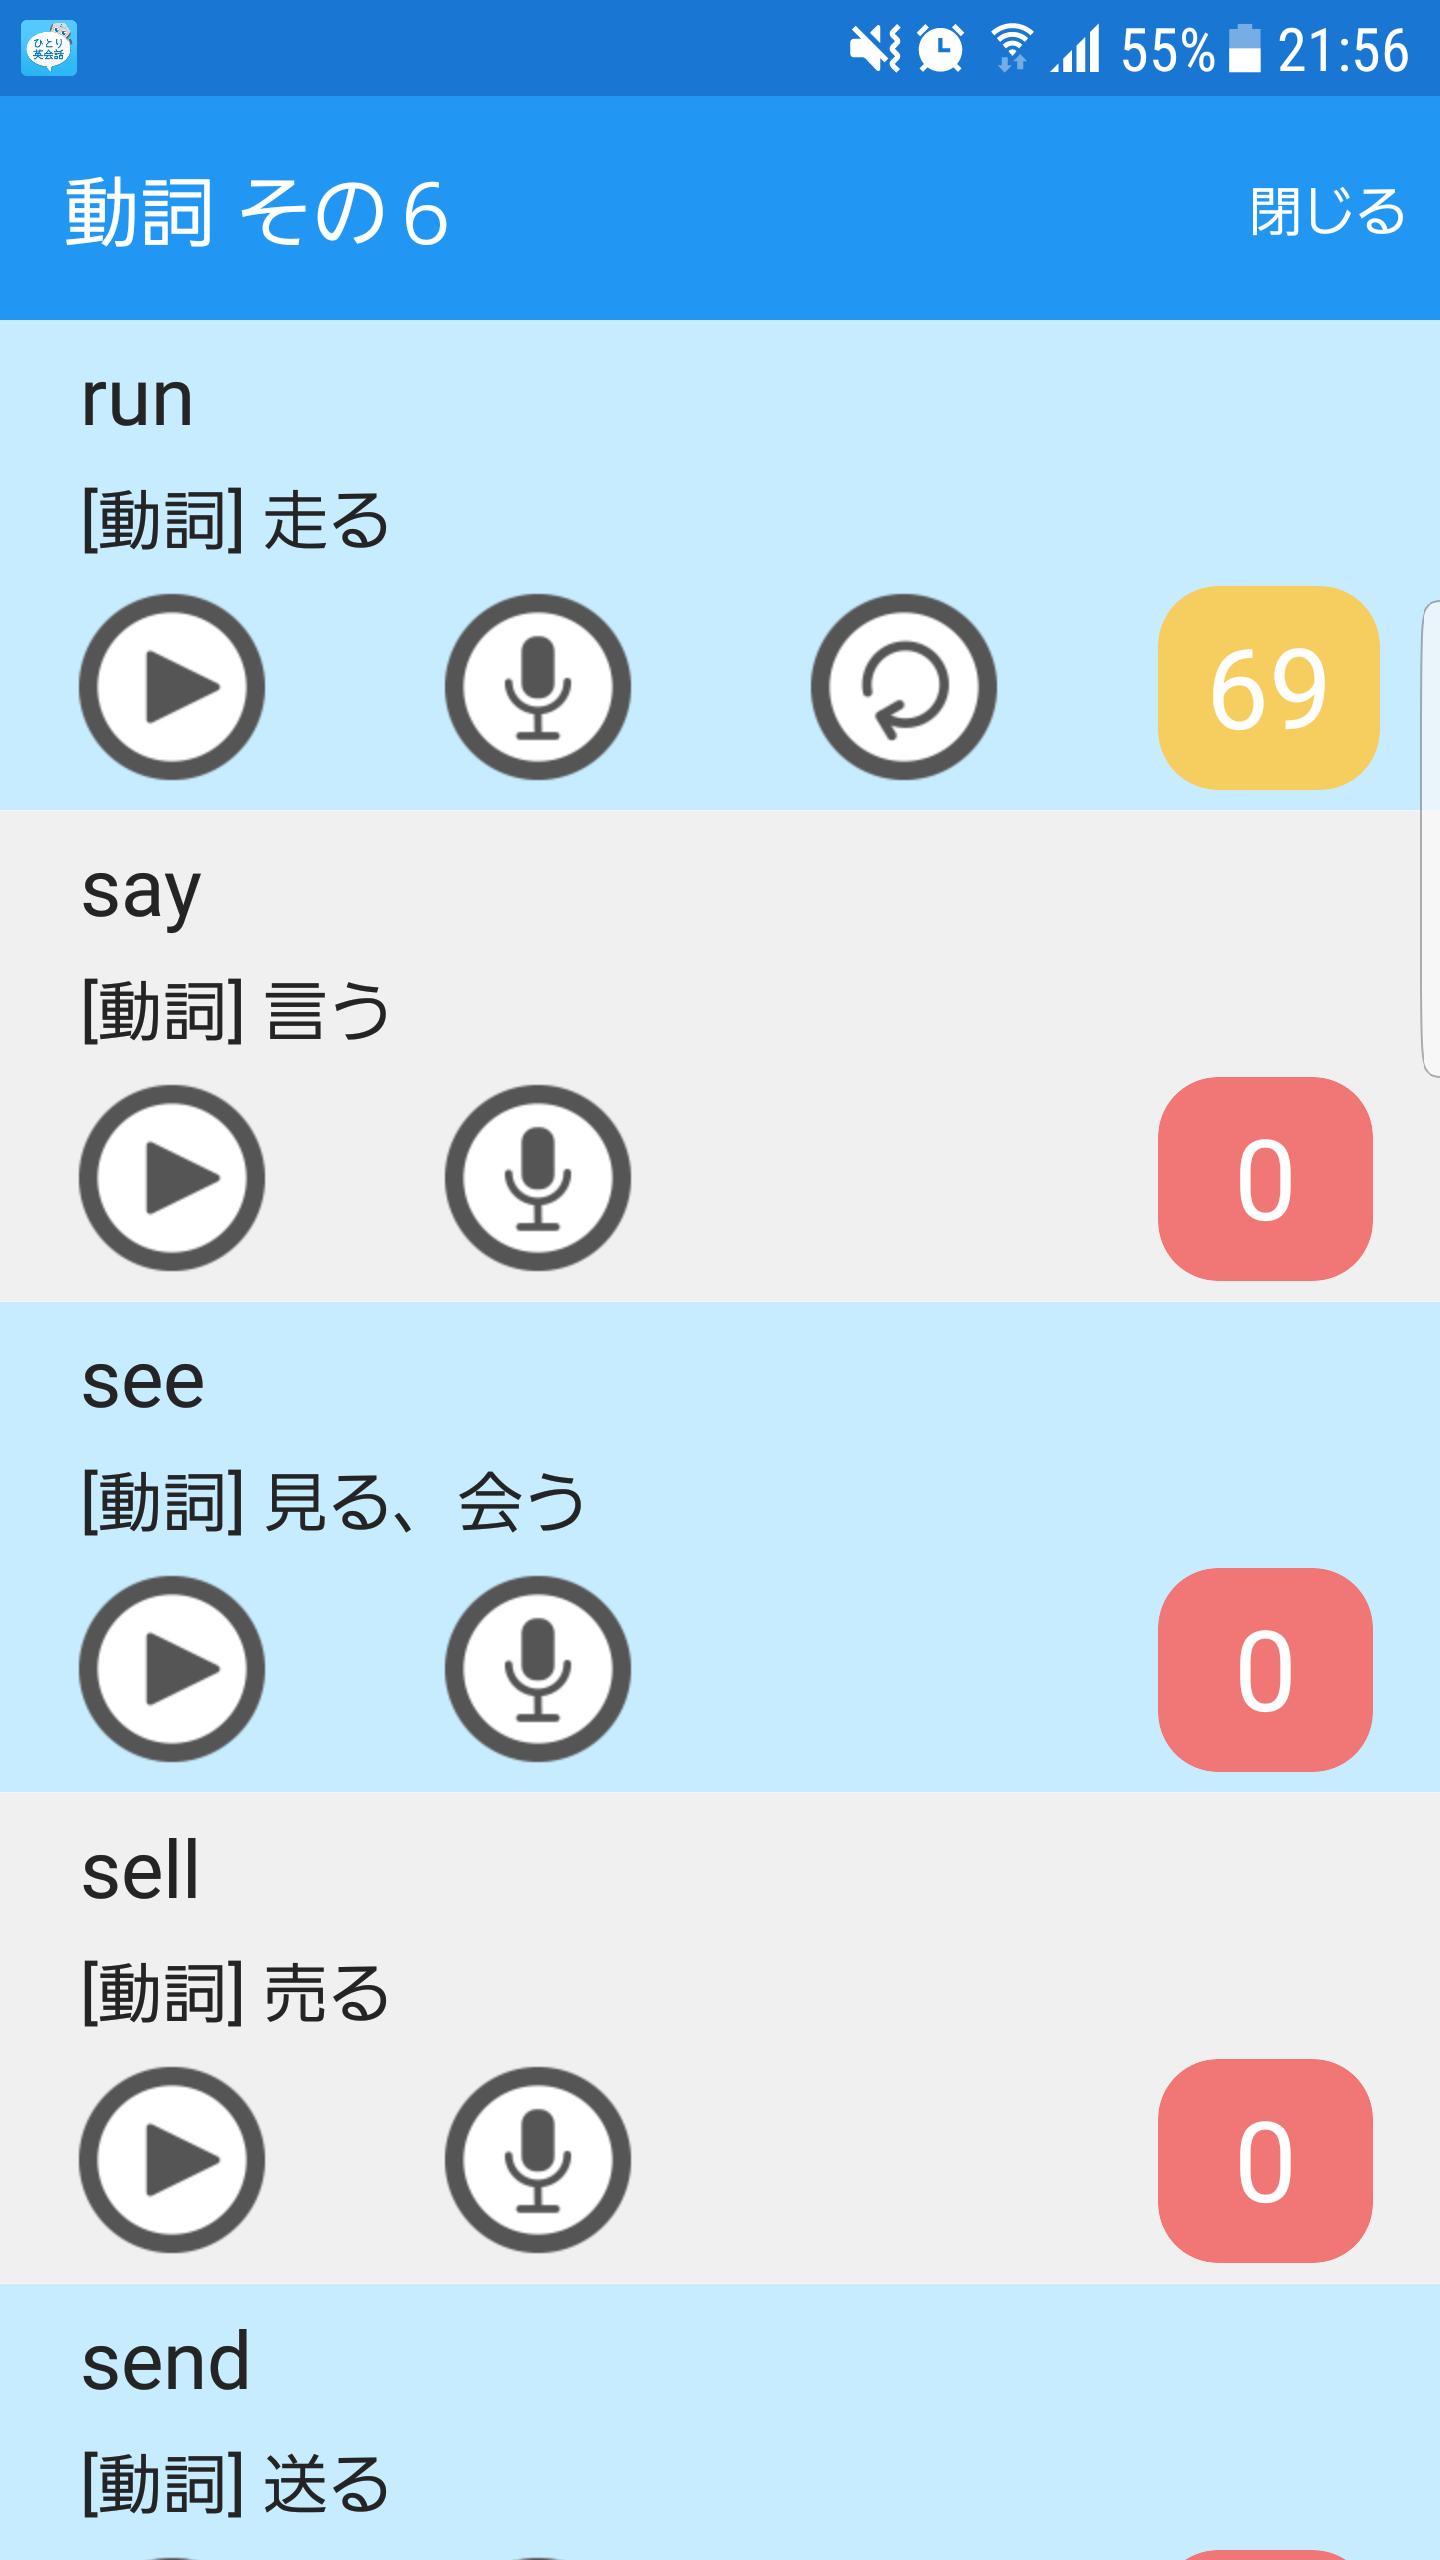 英語の発音が上手いのはどっち!? Weblio 辞書 VS goo 辞書 by ひとり英会話SiF